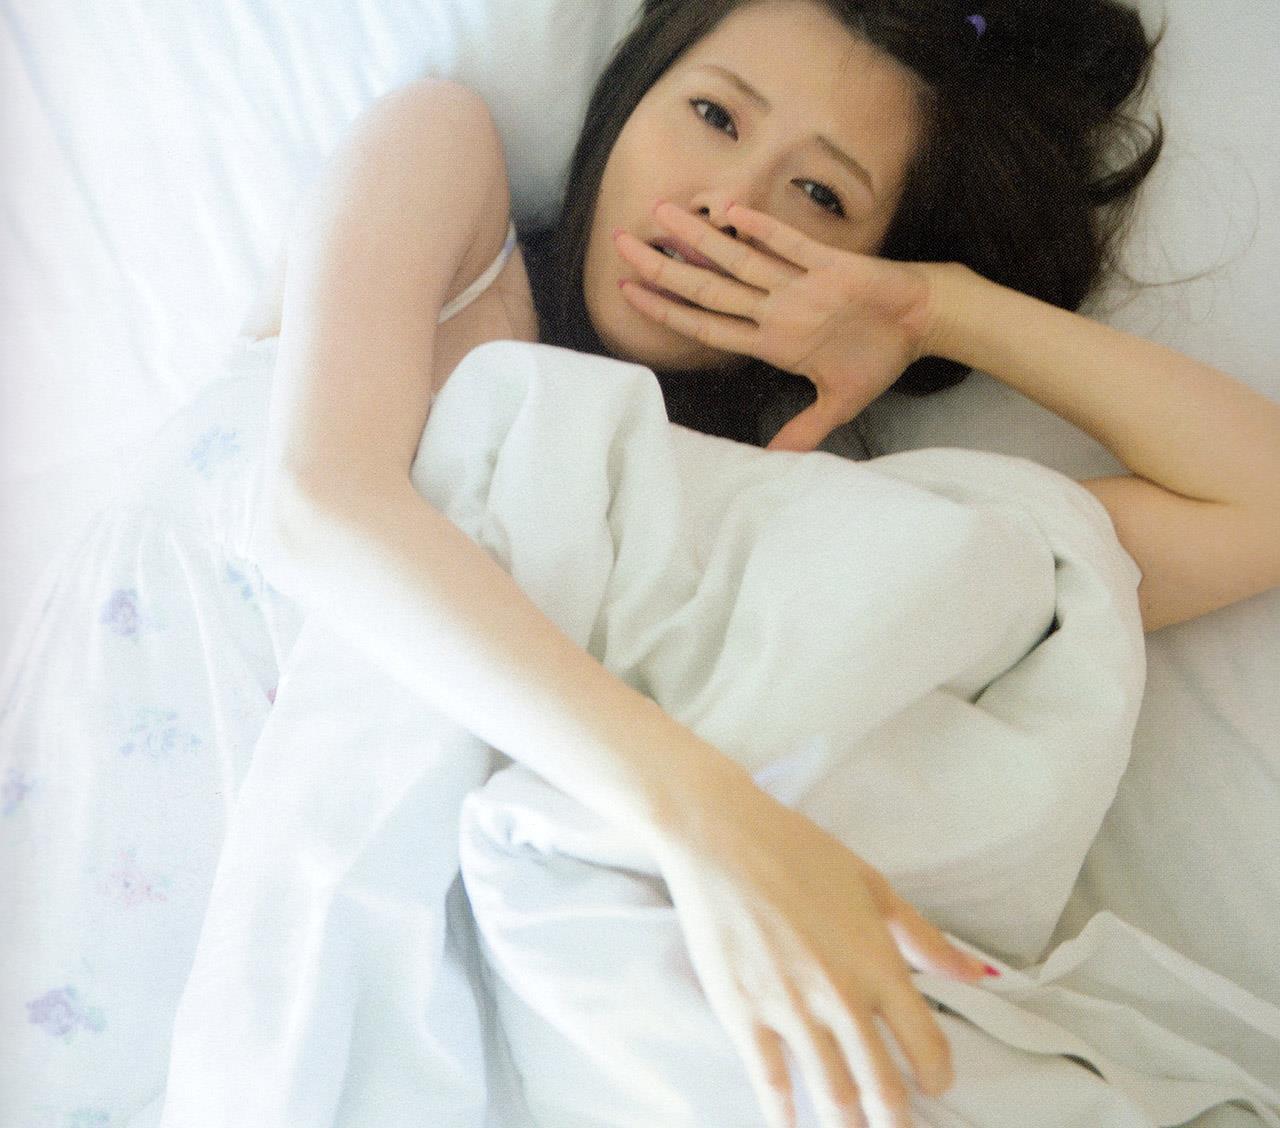 白石麻衣 エロ画像 57